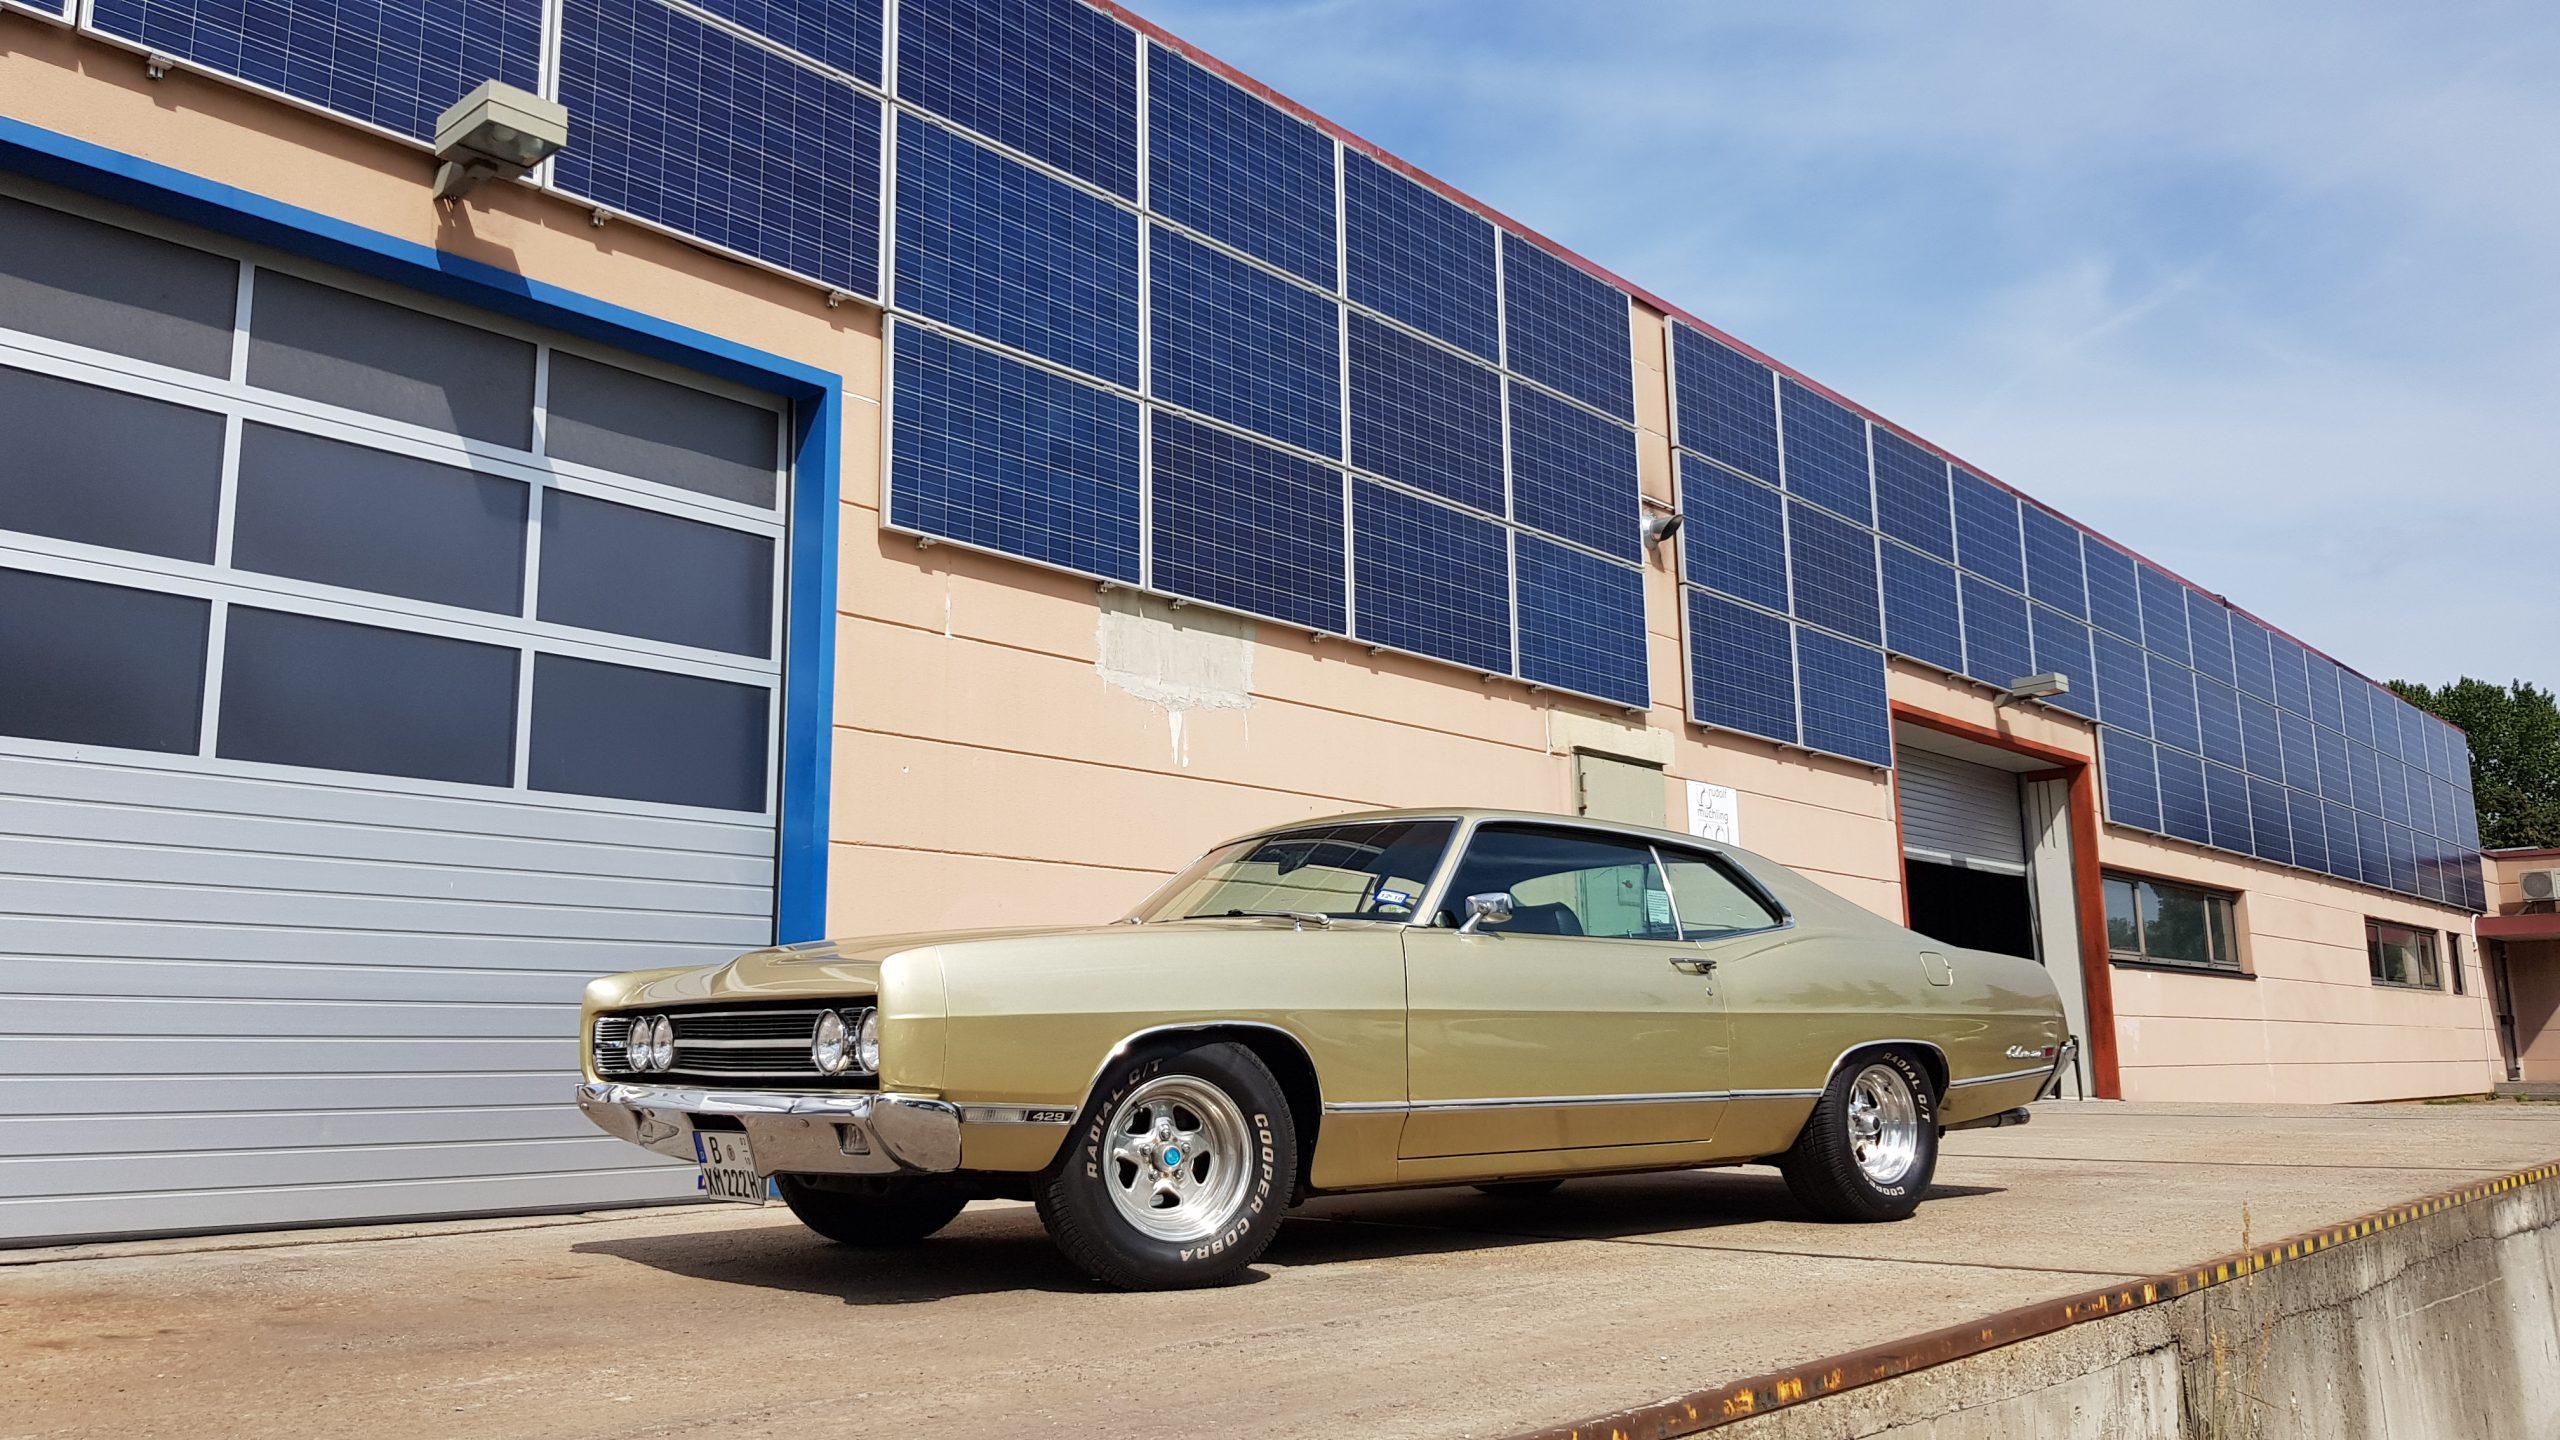 Ford Galaxie Coupé 1969